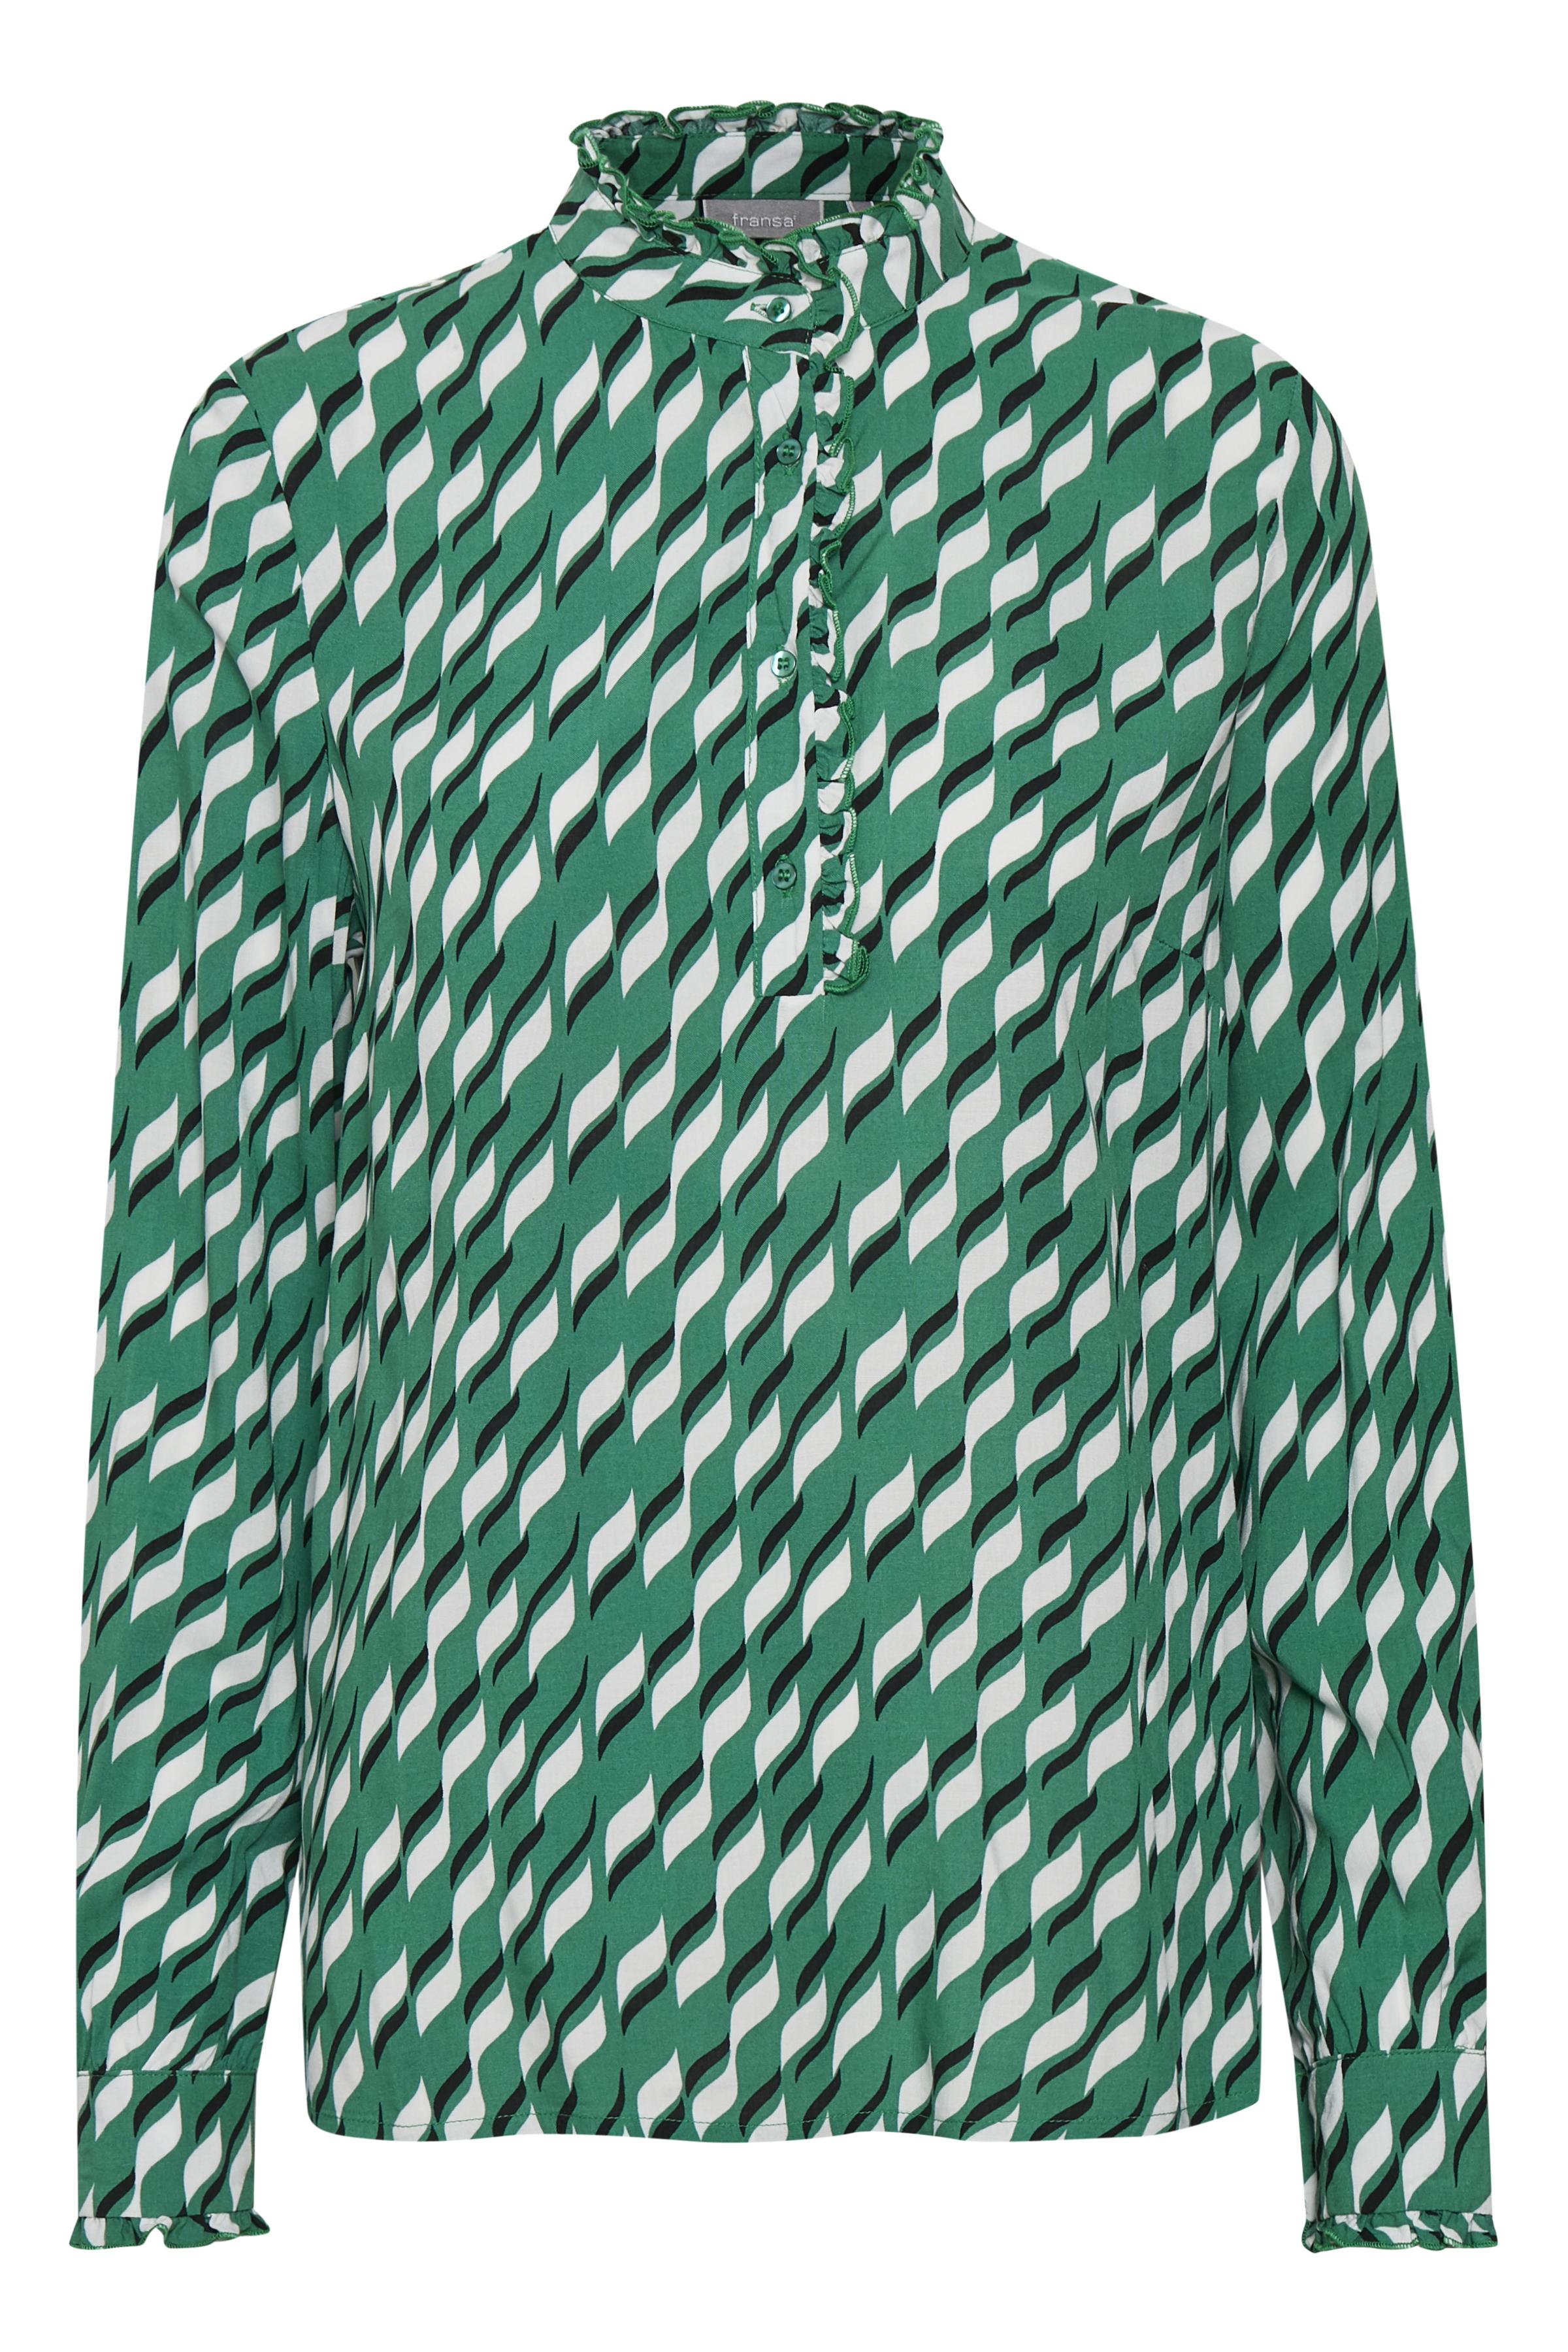 Groen/wit Blouse met lange mouwen van Fransa – Door Groen/wit Blouse met lange mouwen van maat. XS-XXL hier